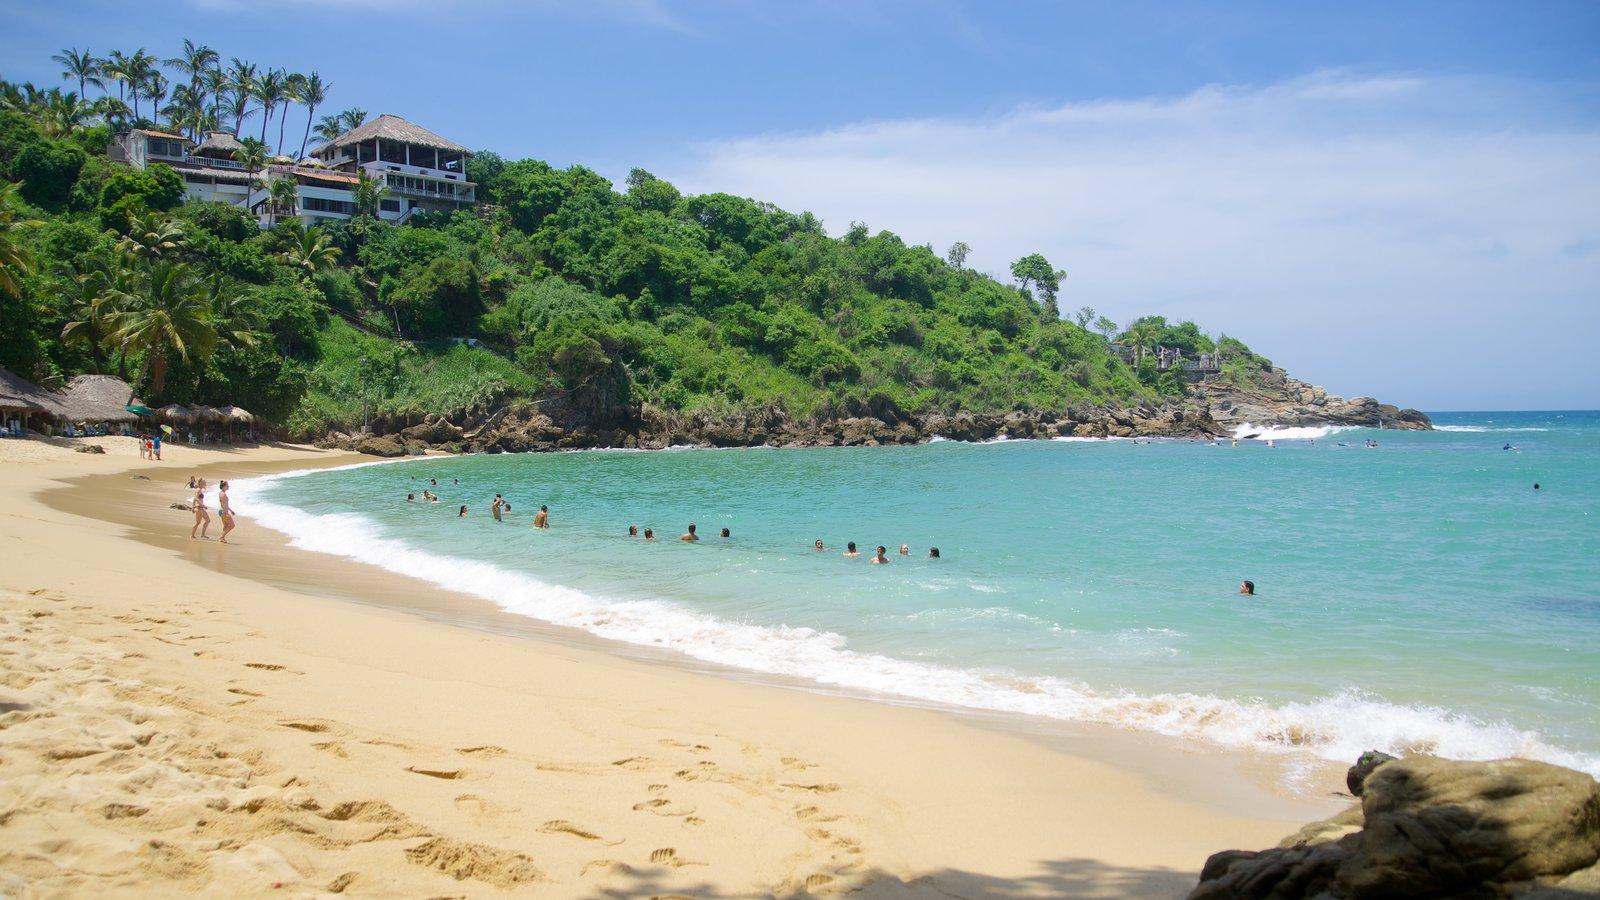 Playa de Carrizalillo mostrando una playa de arena, una casa y escenas tropicales